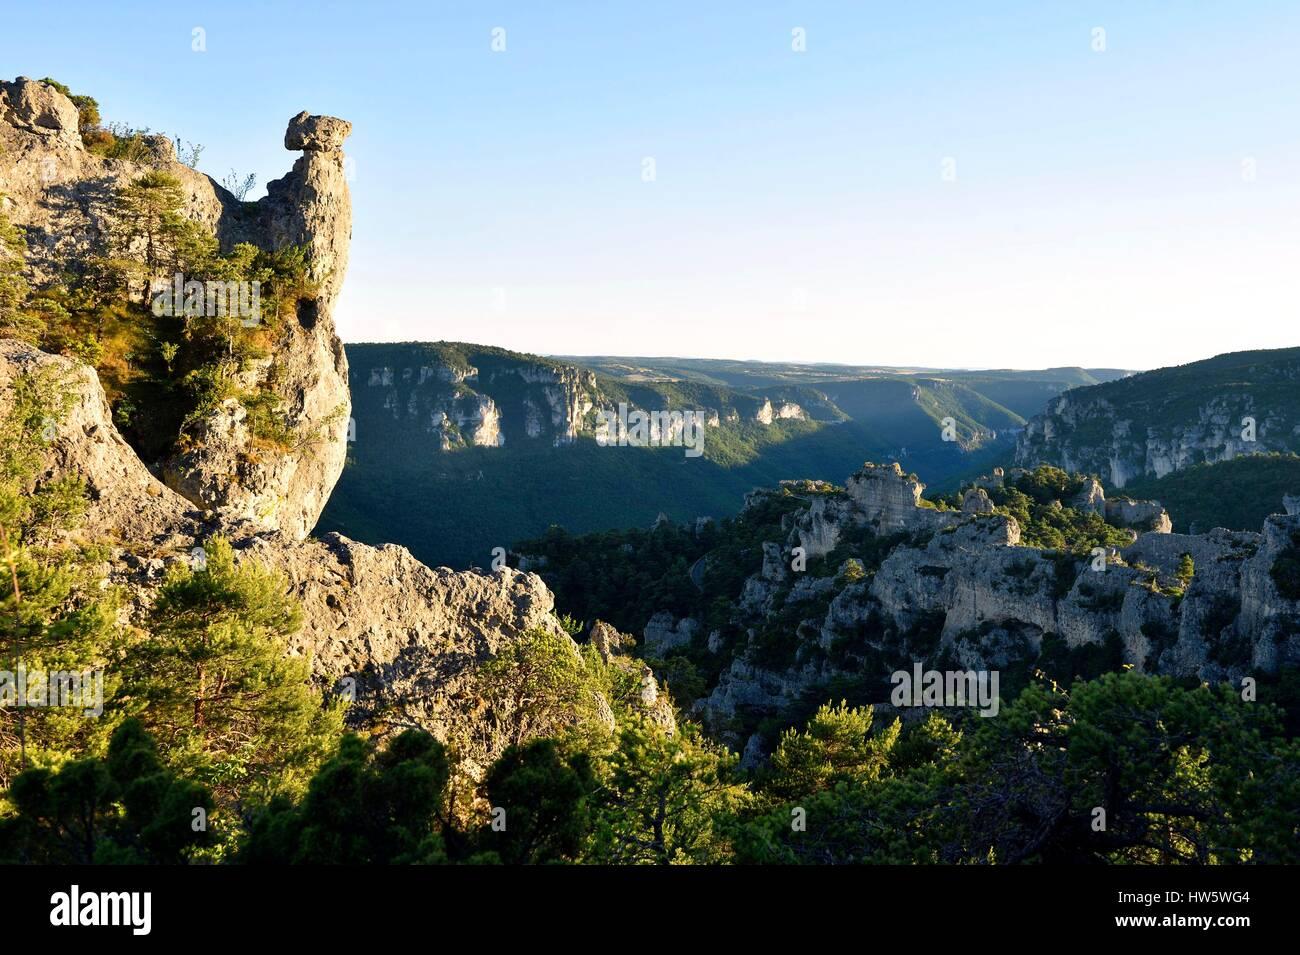 La France, l'Aveyron, les Causses et les Cévennes, paysage